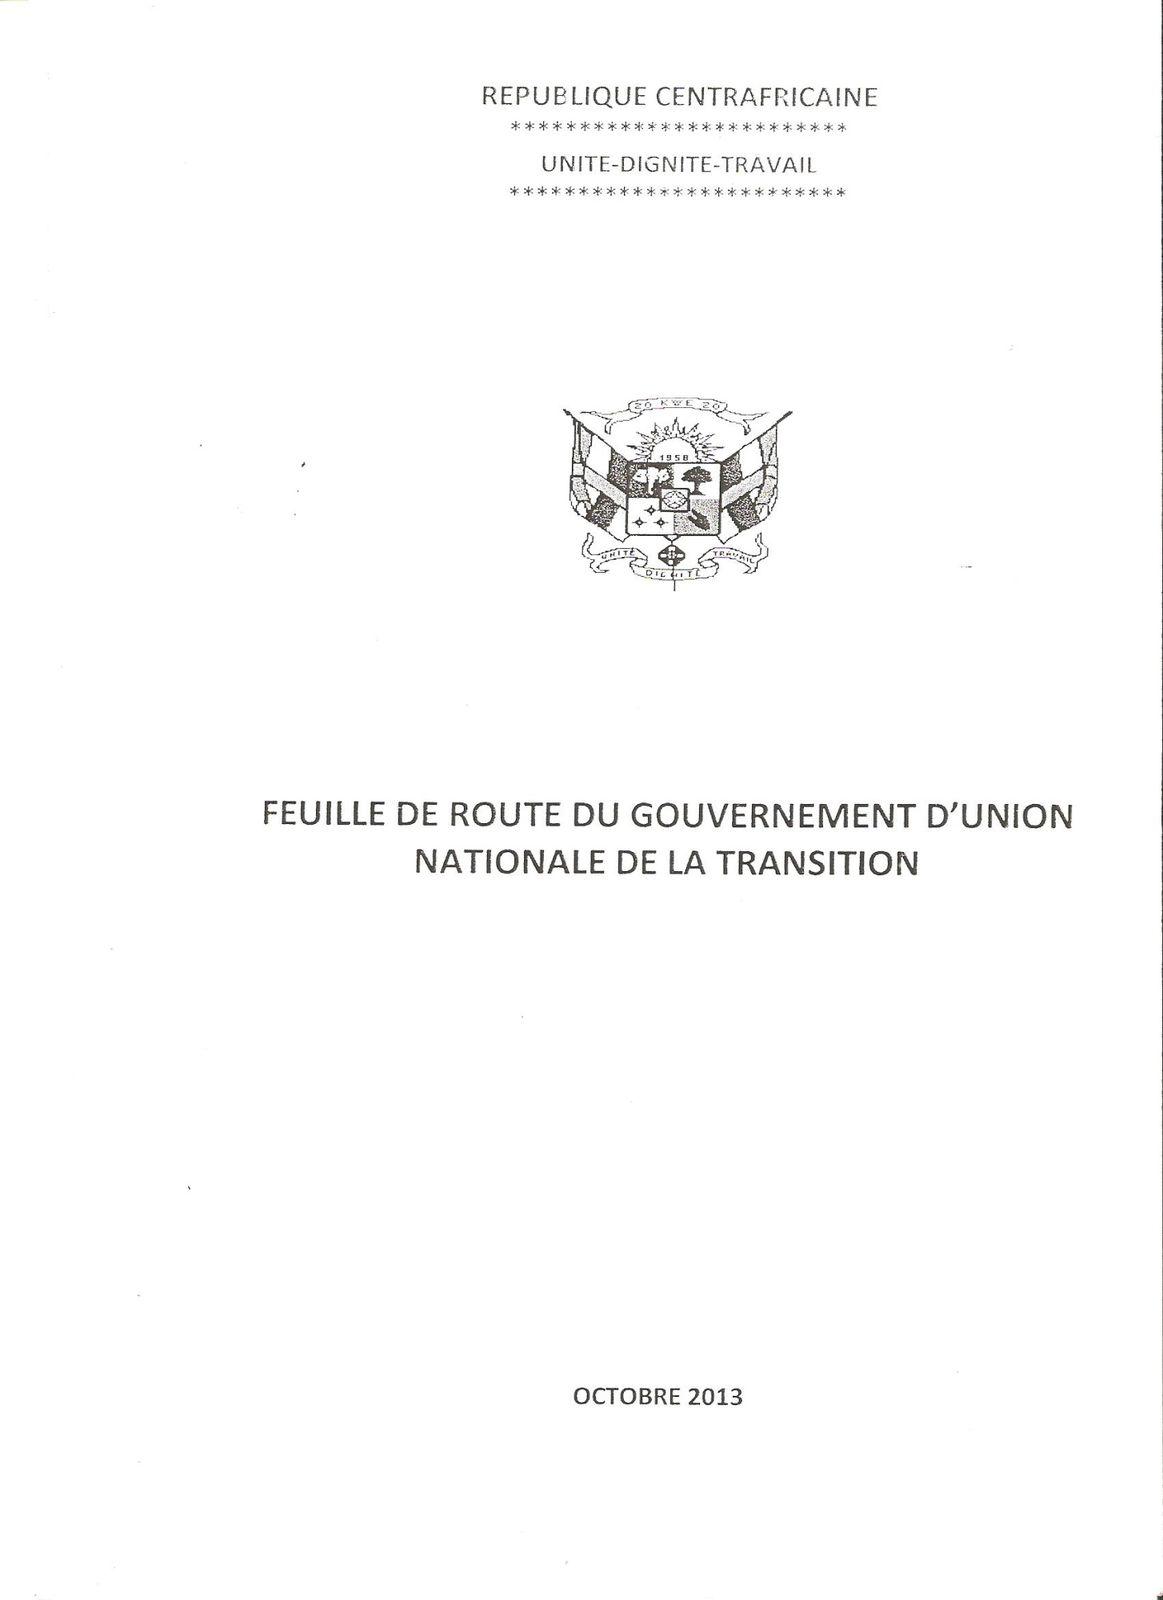 RCA : la feuille de route du Gouvernement de transition a été enfin adoptée